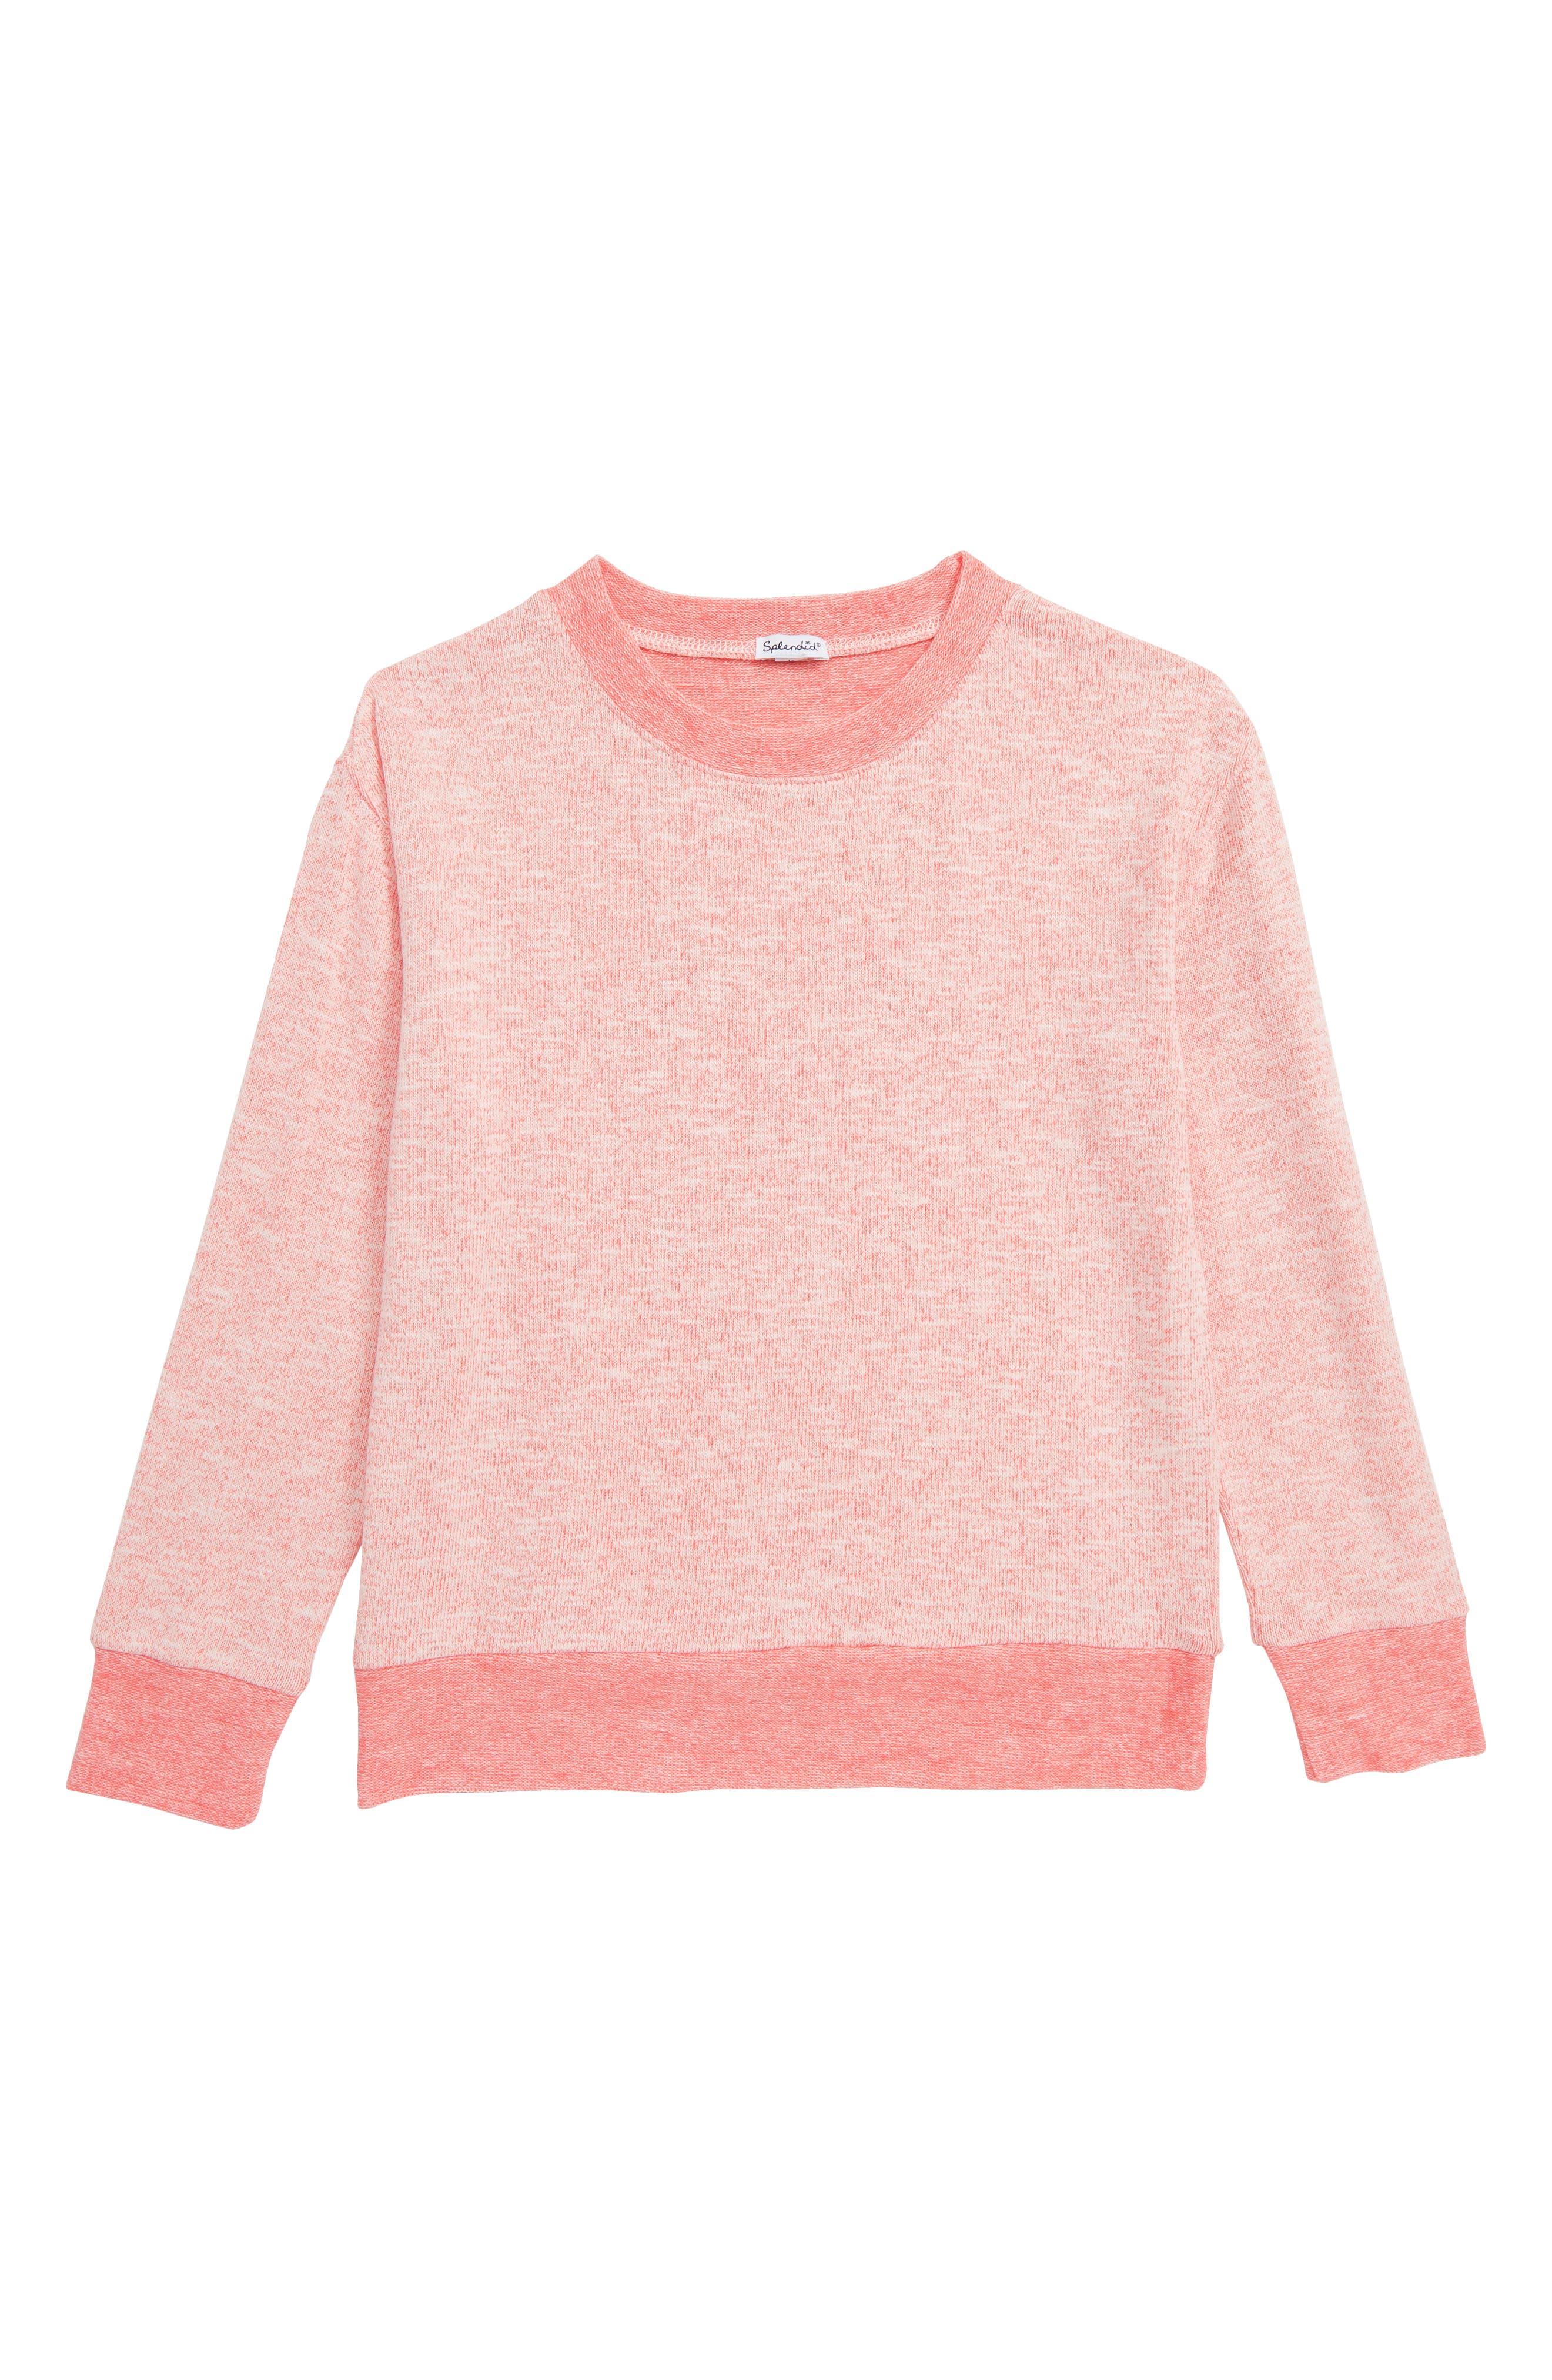 SPLENDID Knit Top, Main, color, SHANGRI LA ROSE